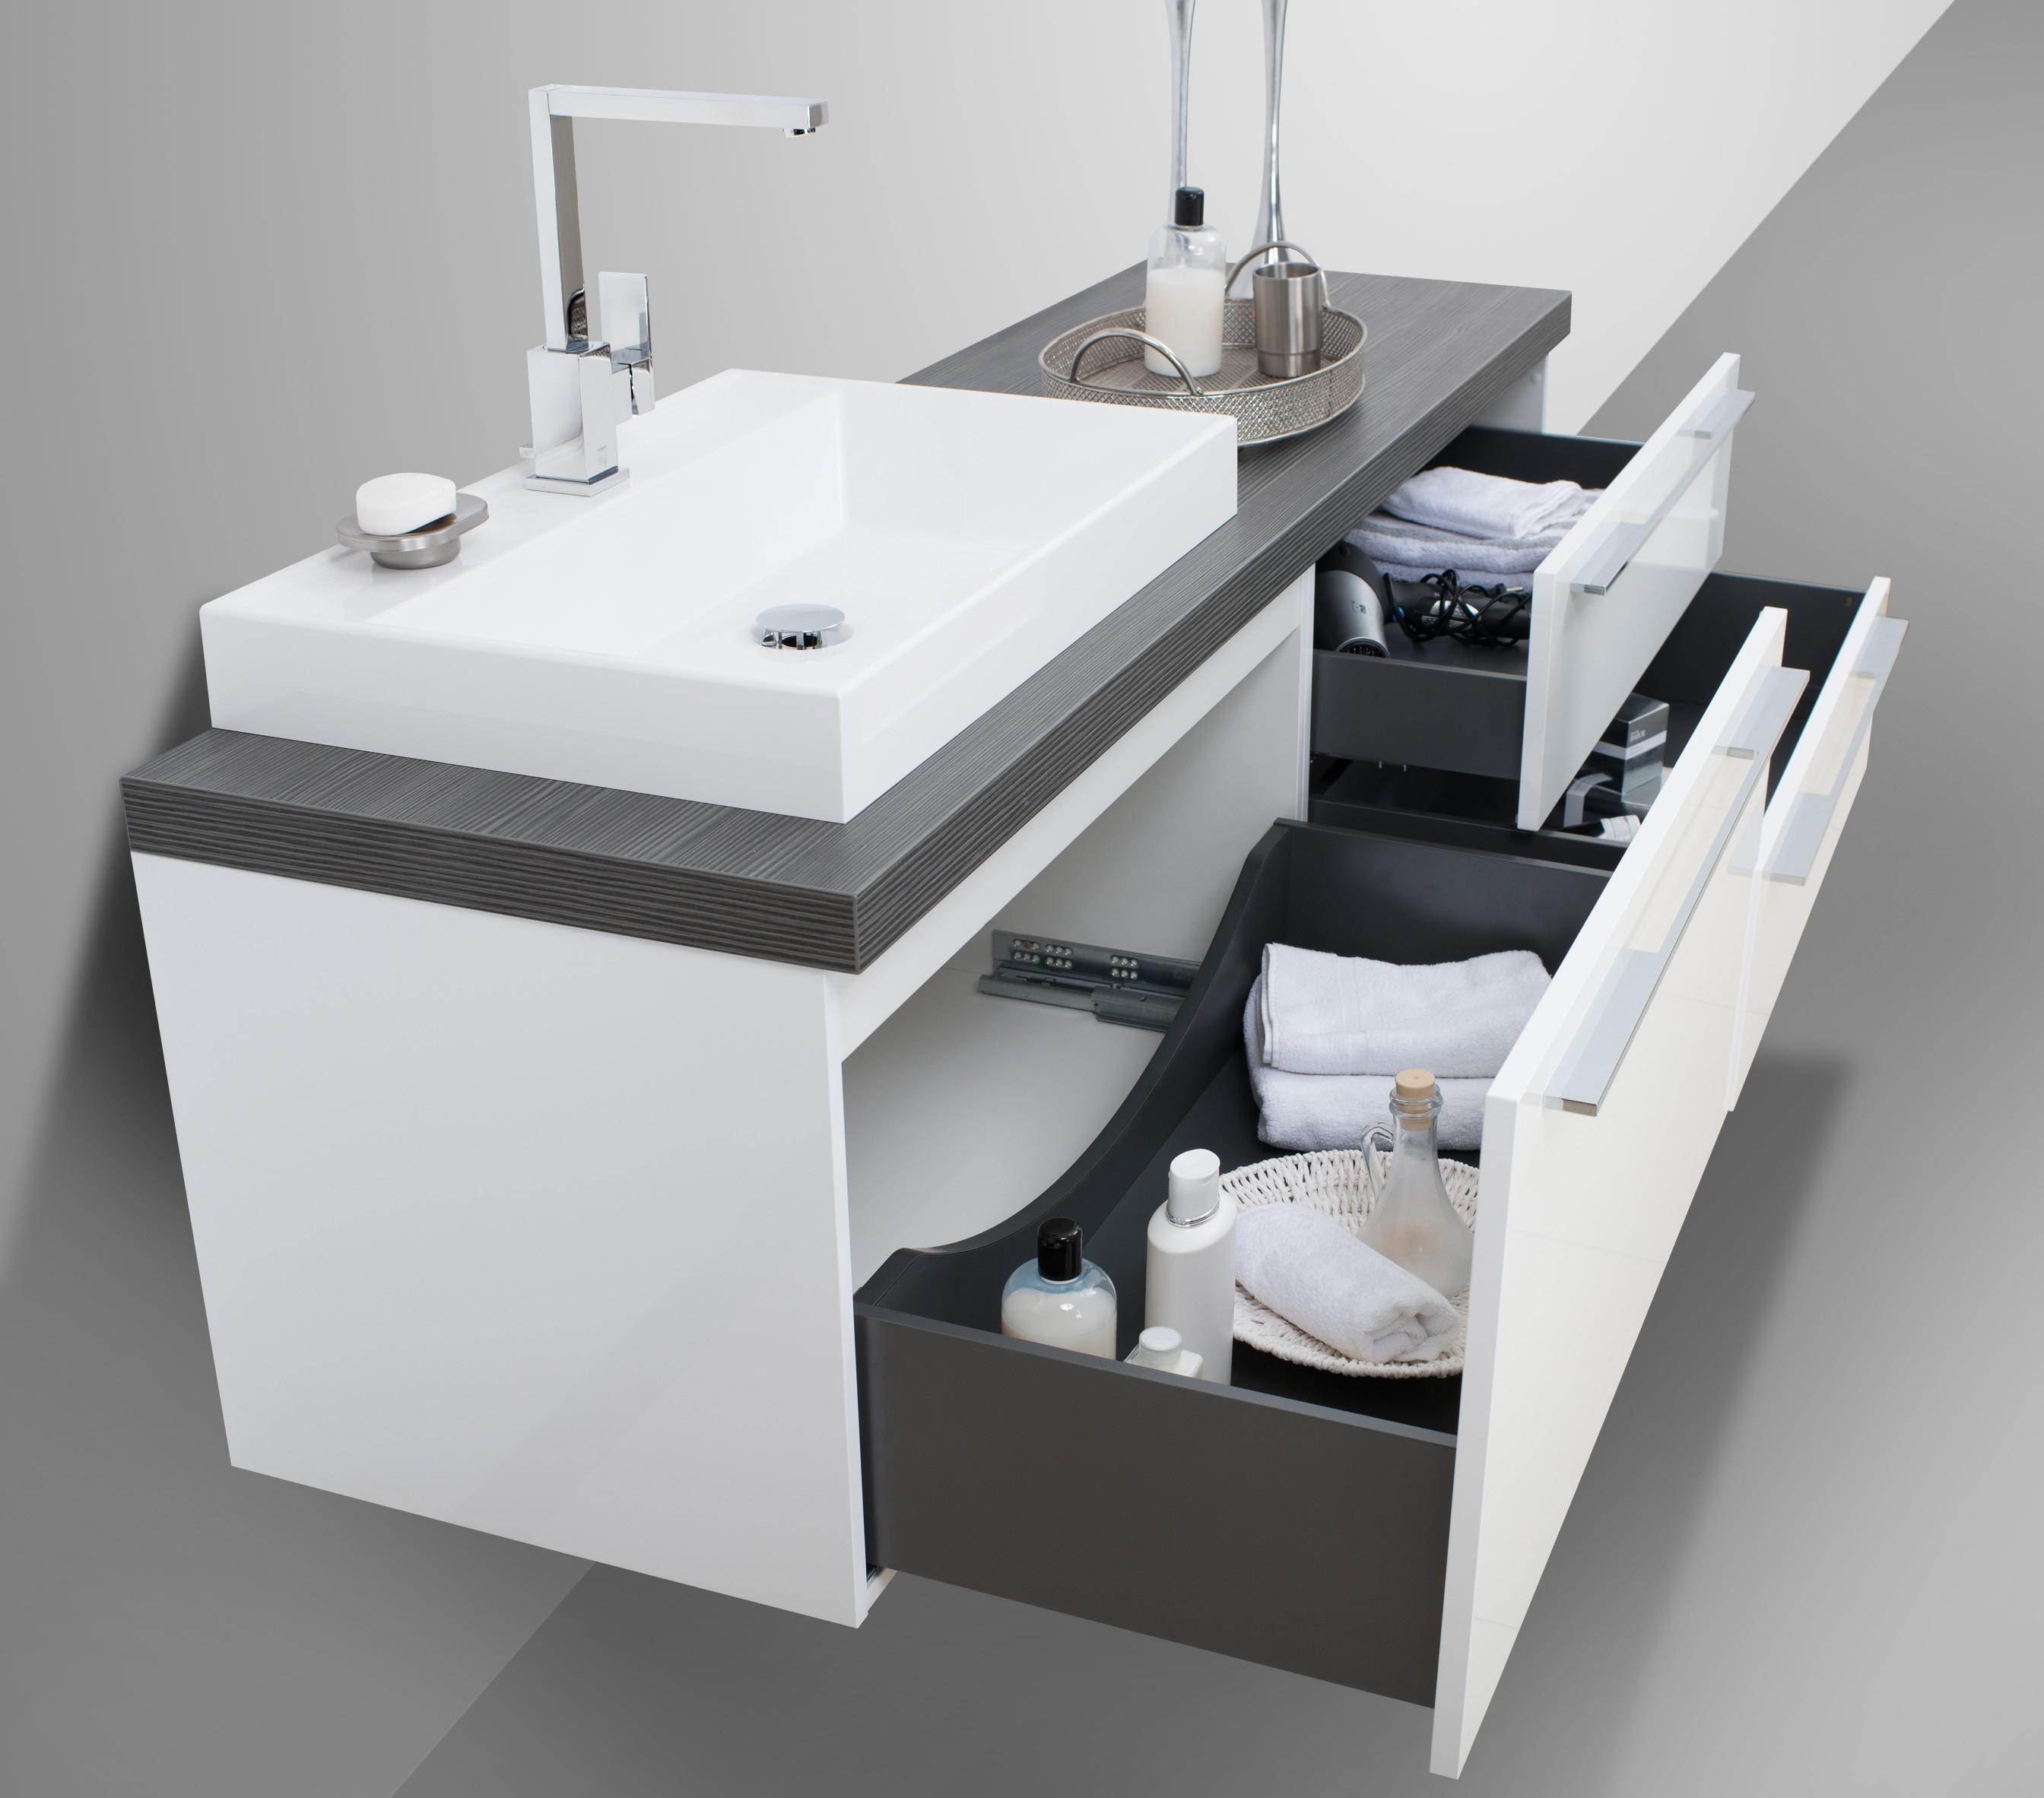 badm bel set luxor mit spiegelschrank und design waschtisch. Black Bedroom Furniture Sets. Home Design Ideas